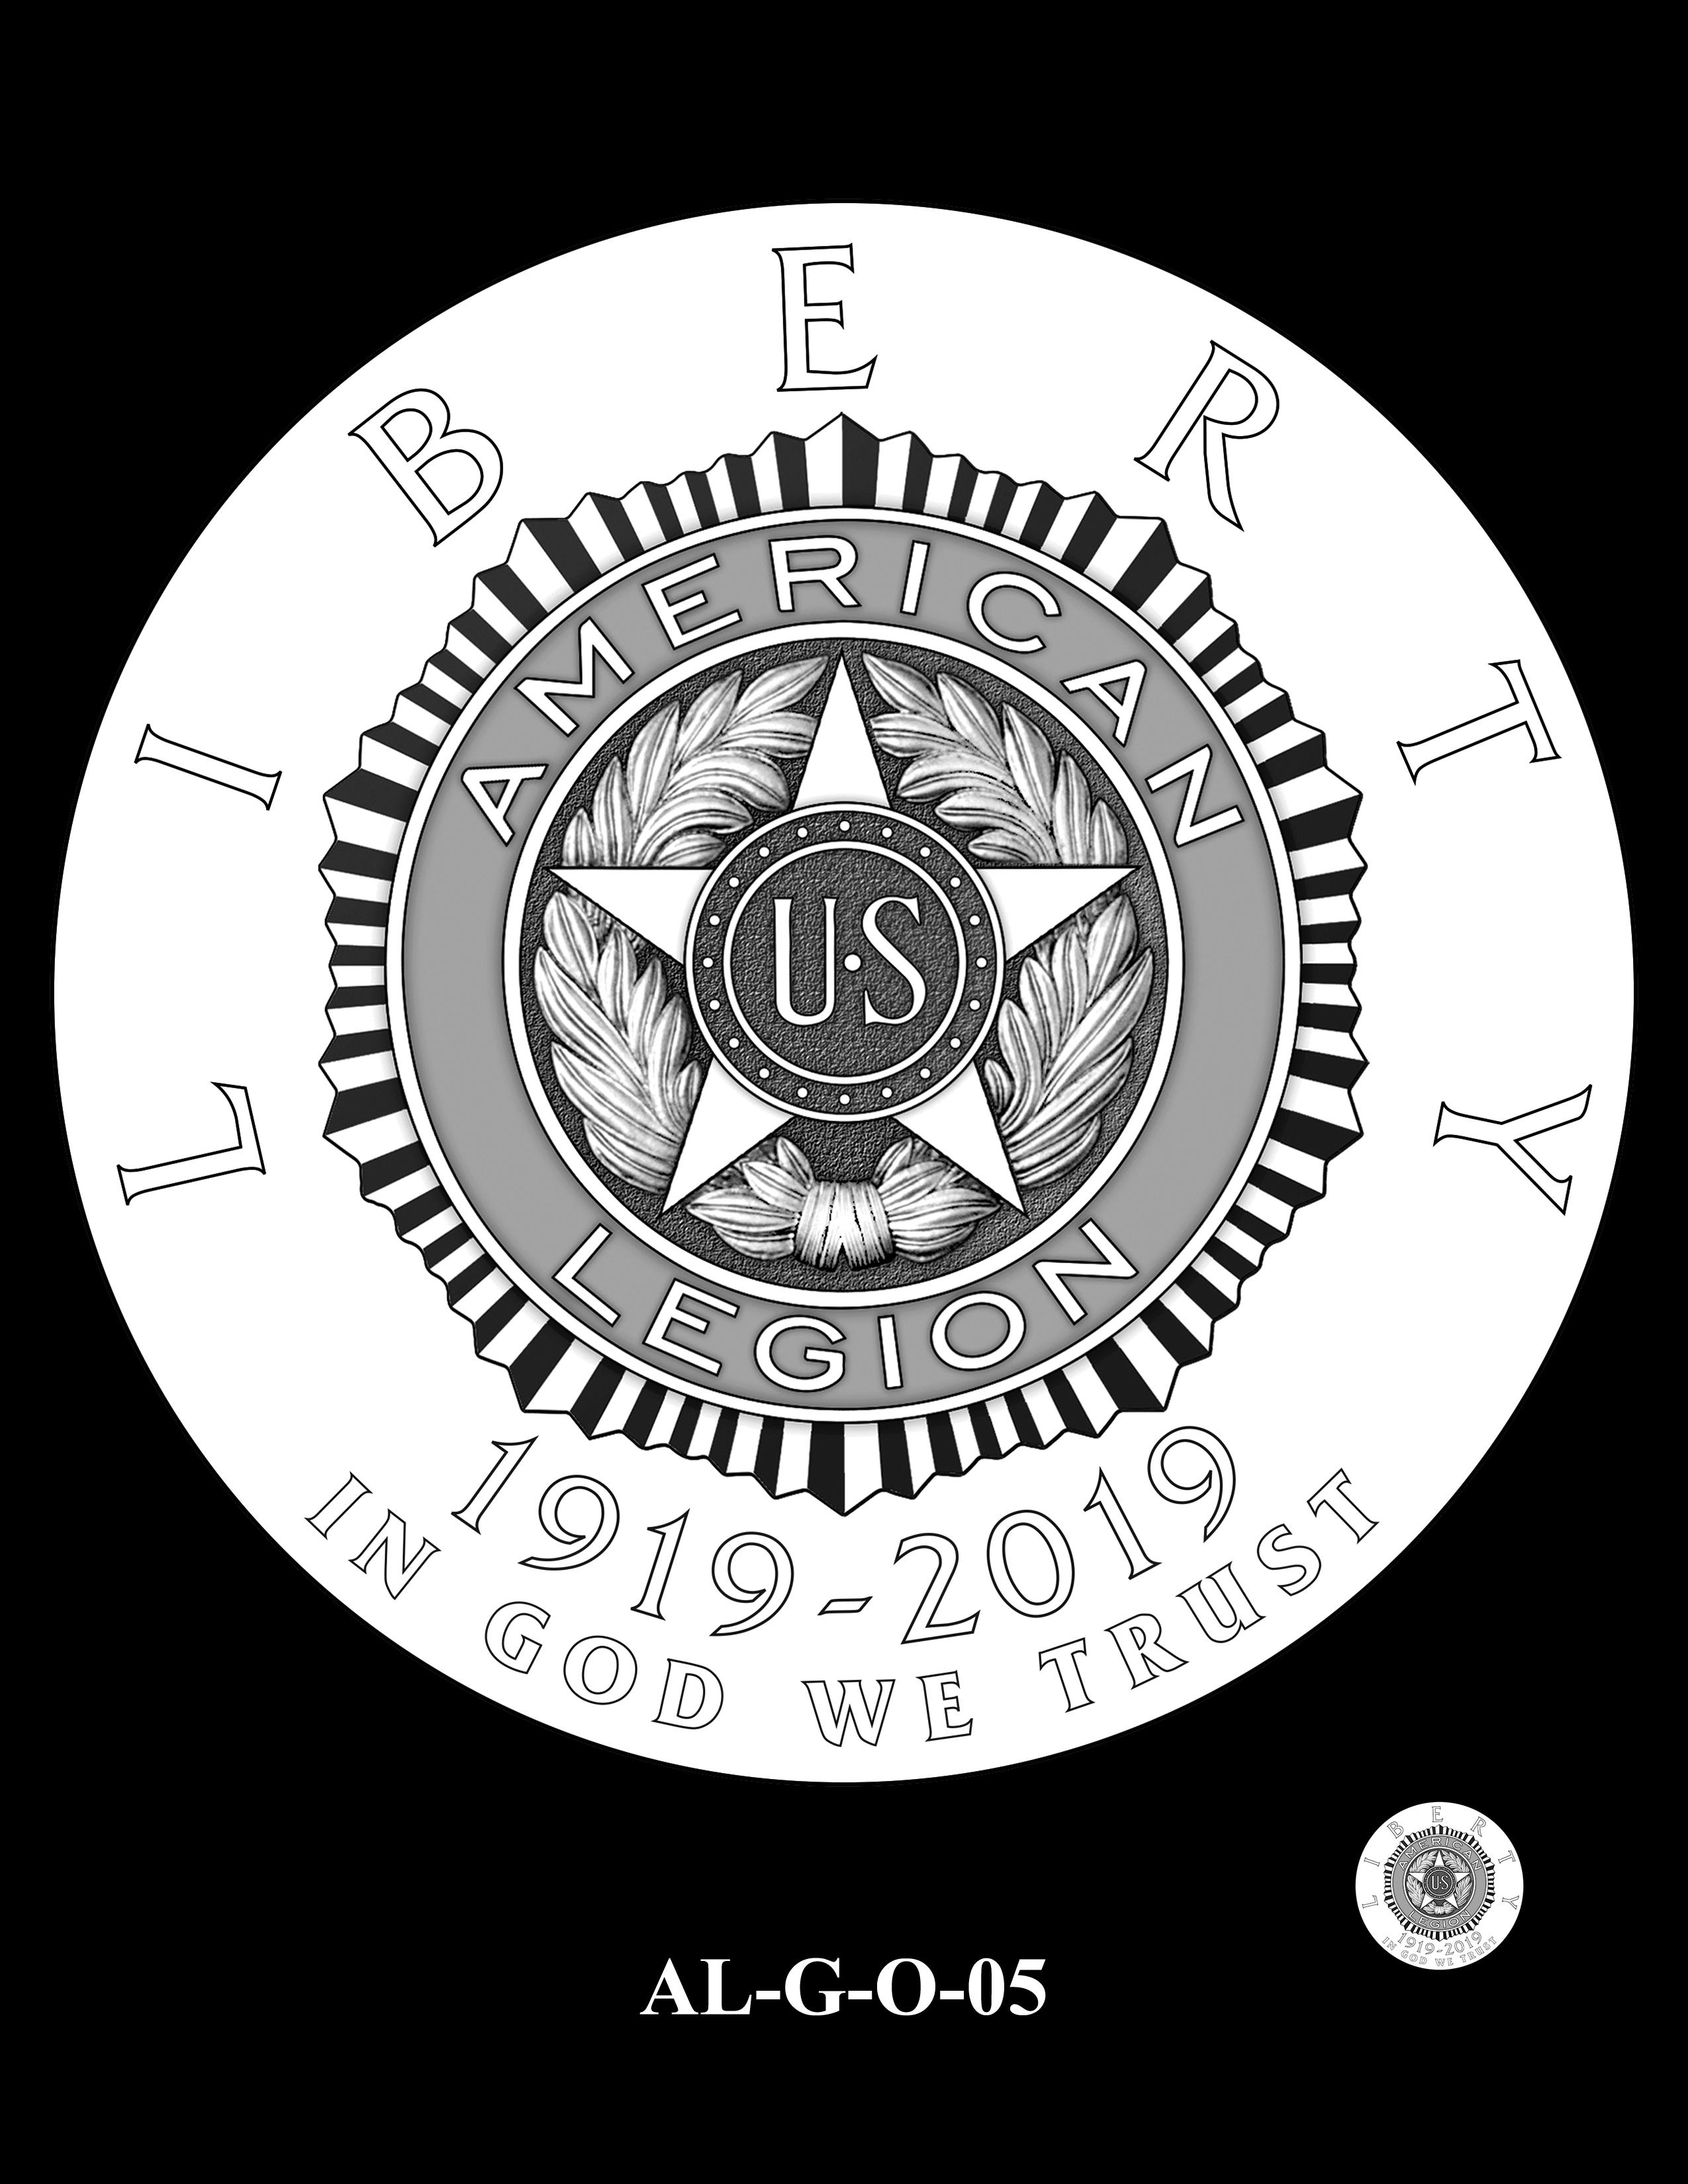 AL-G-O-05 -- 2019 American Legion 100th Anniversary Commemorative Coin Program - Gold Obverse